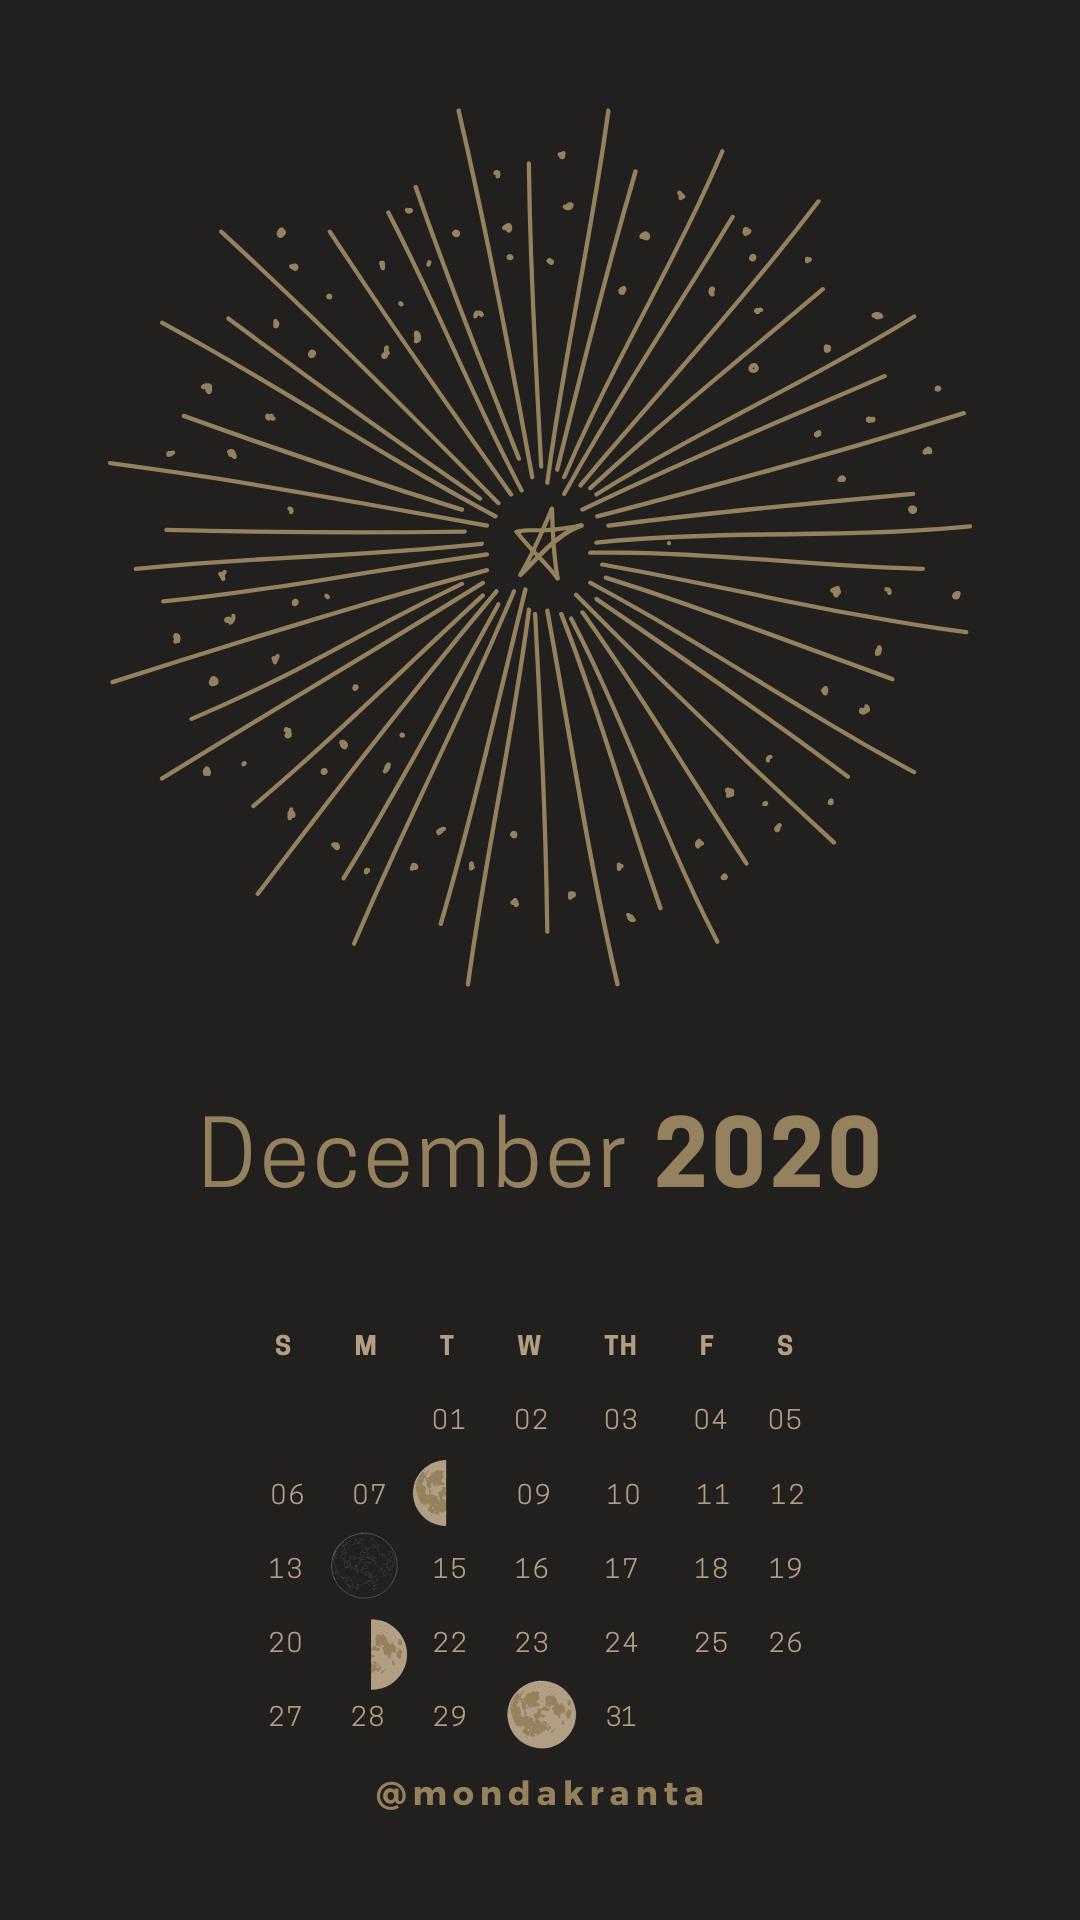 December Lunar Calendar 2020 di 2020 Wallpaper ponsel Fotografi 1080x1920